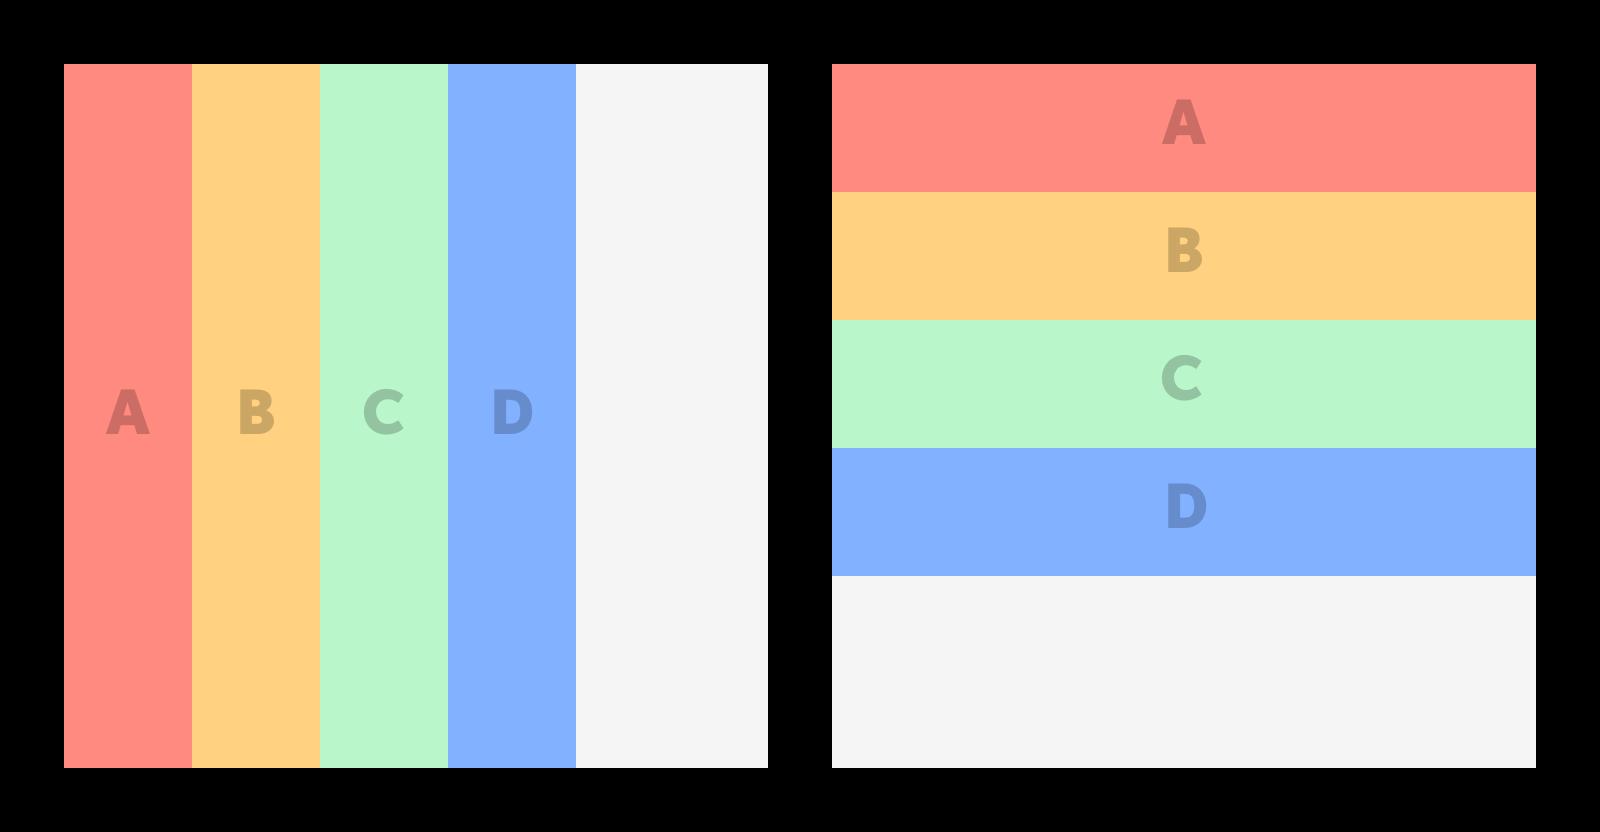 row_column